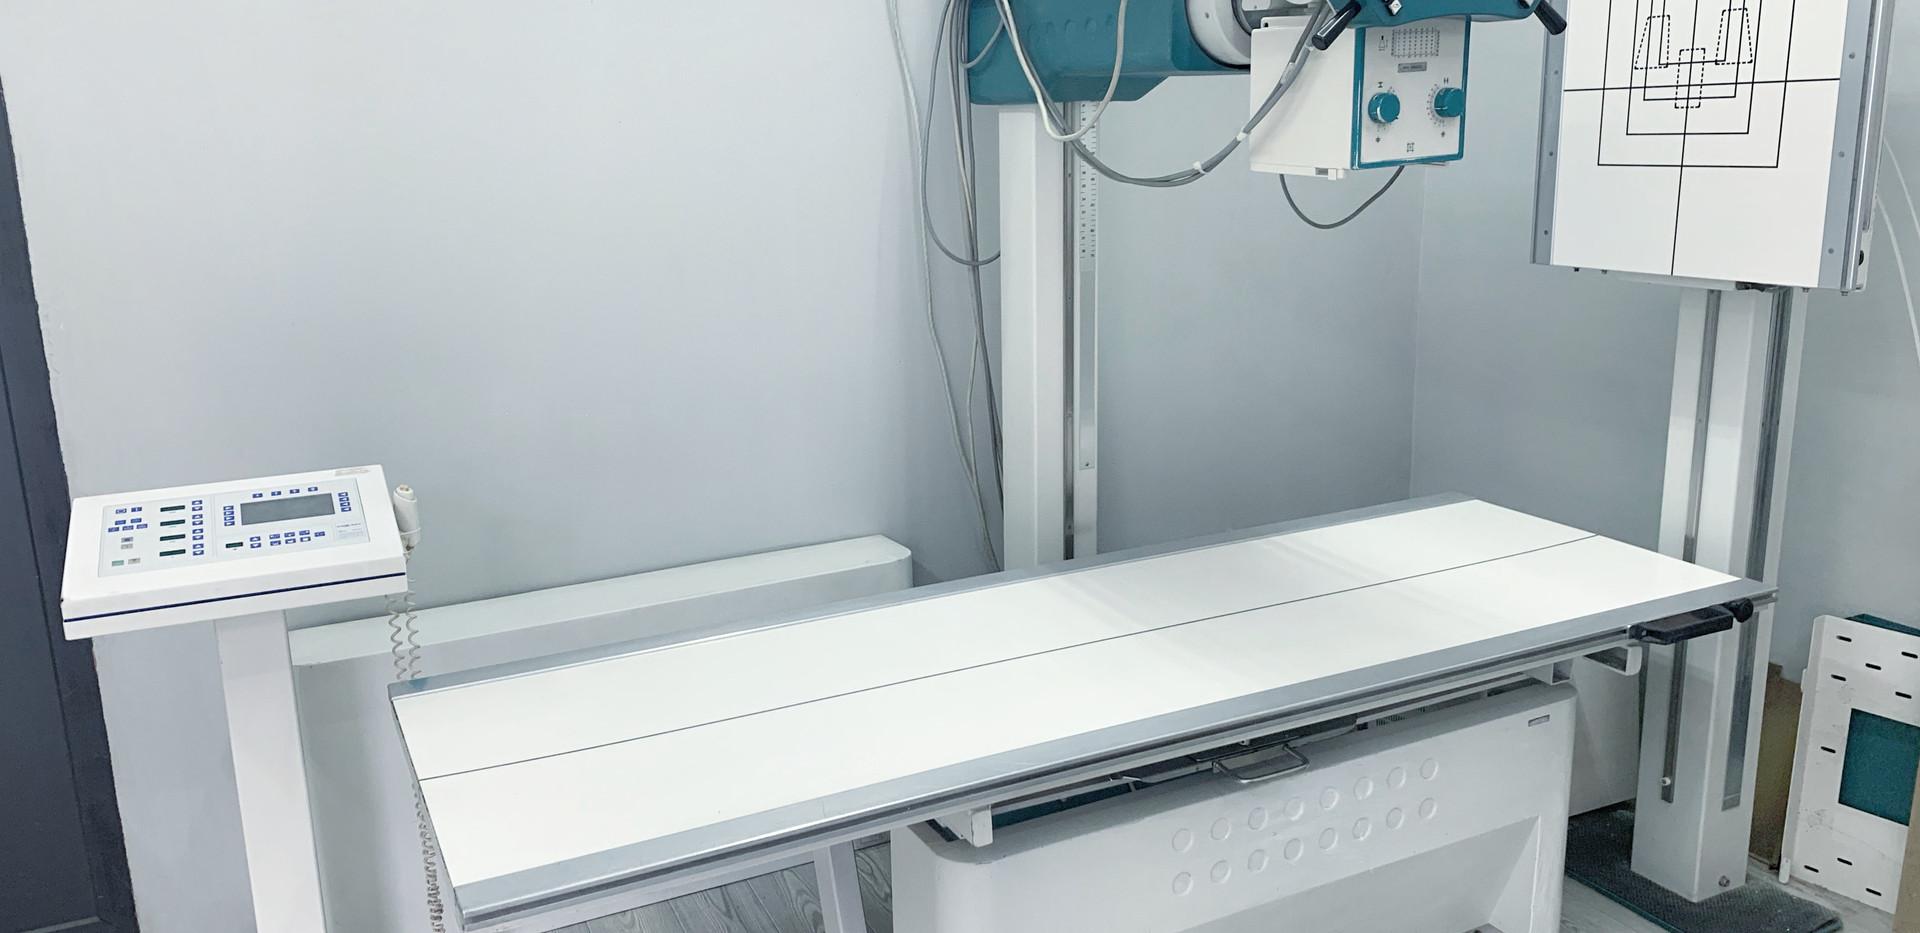 Sedecal Millenium Röntgen Cihazı